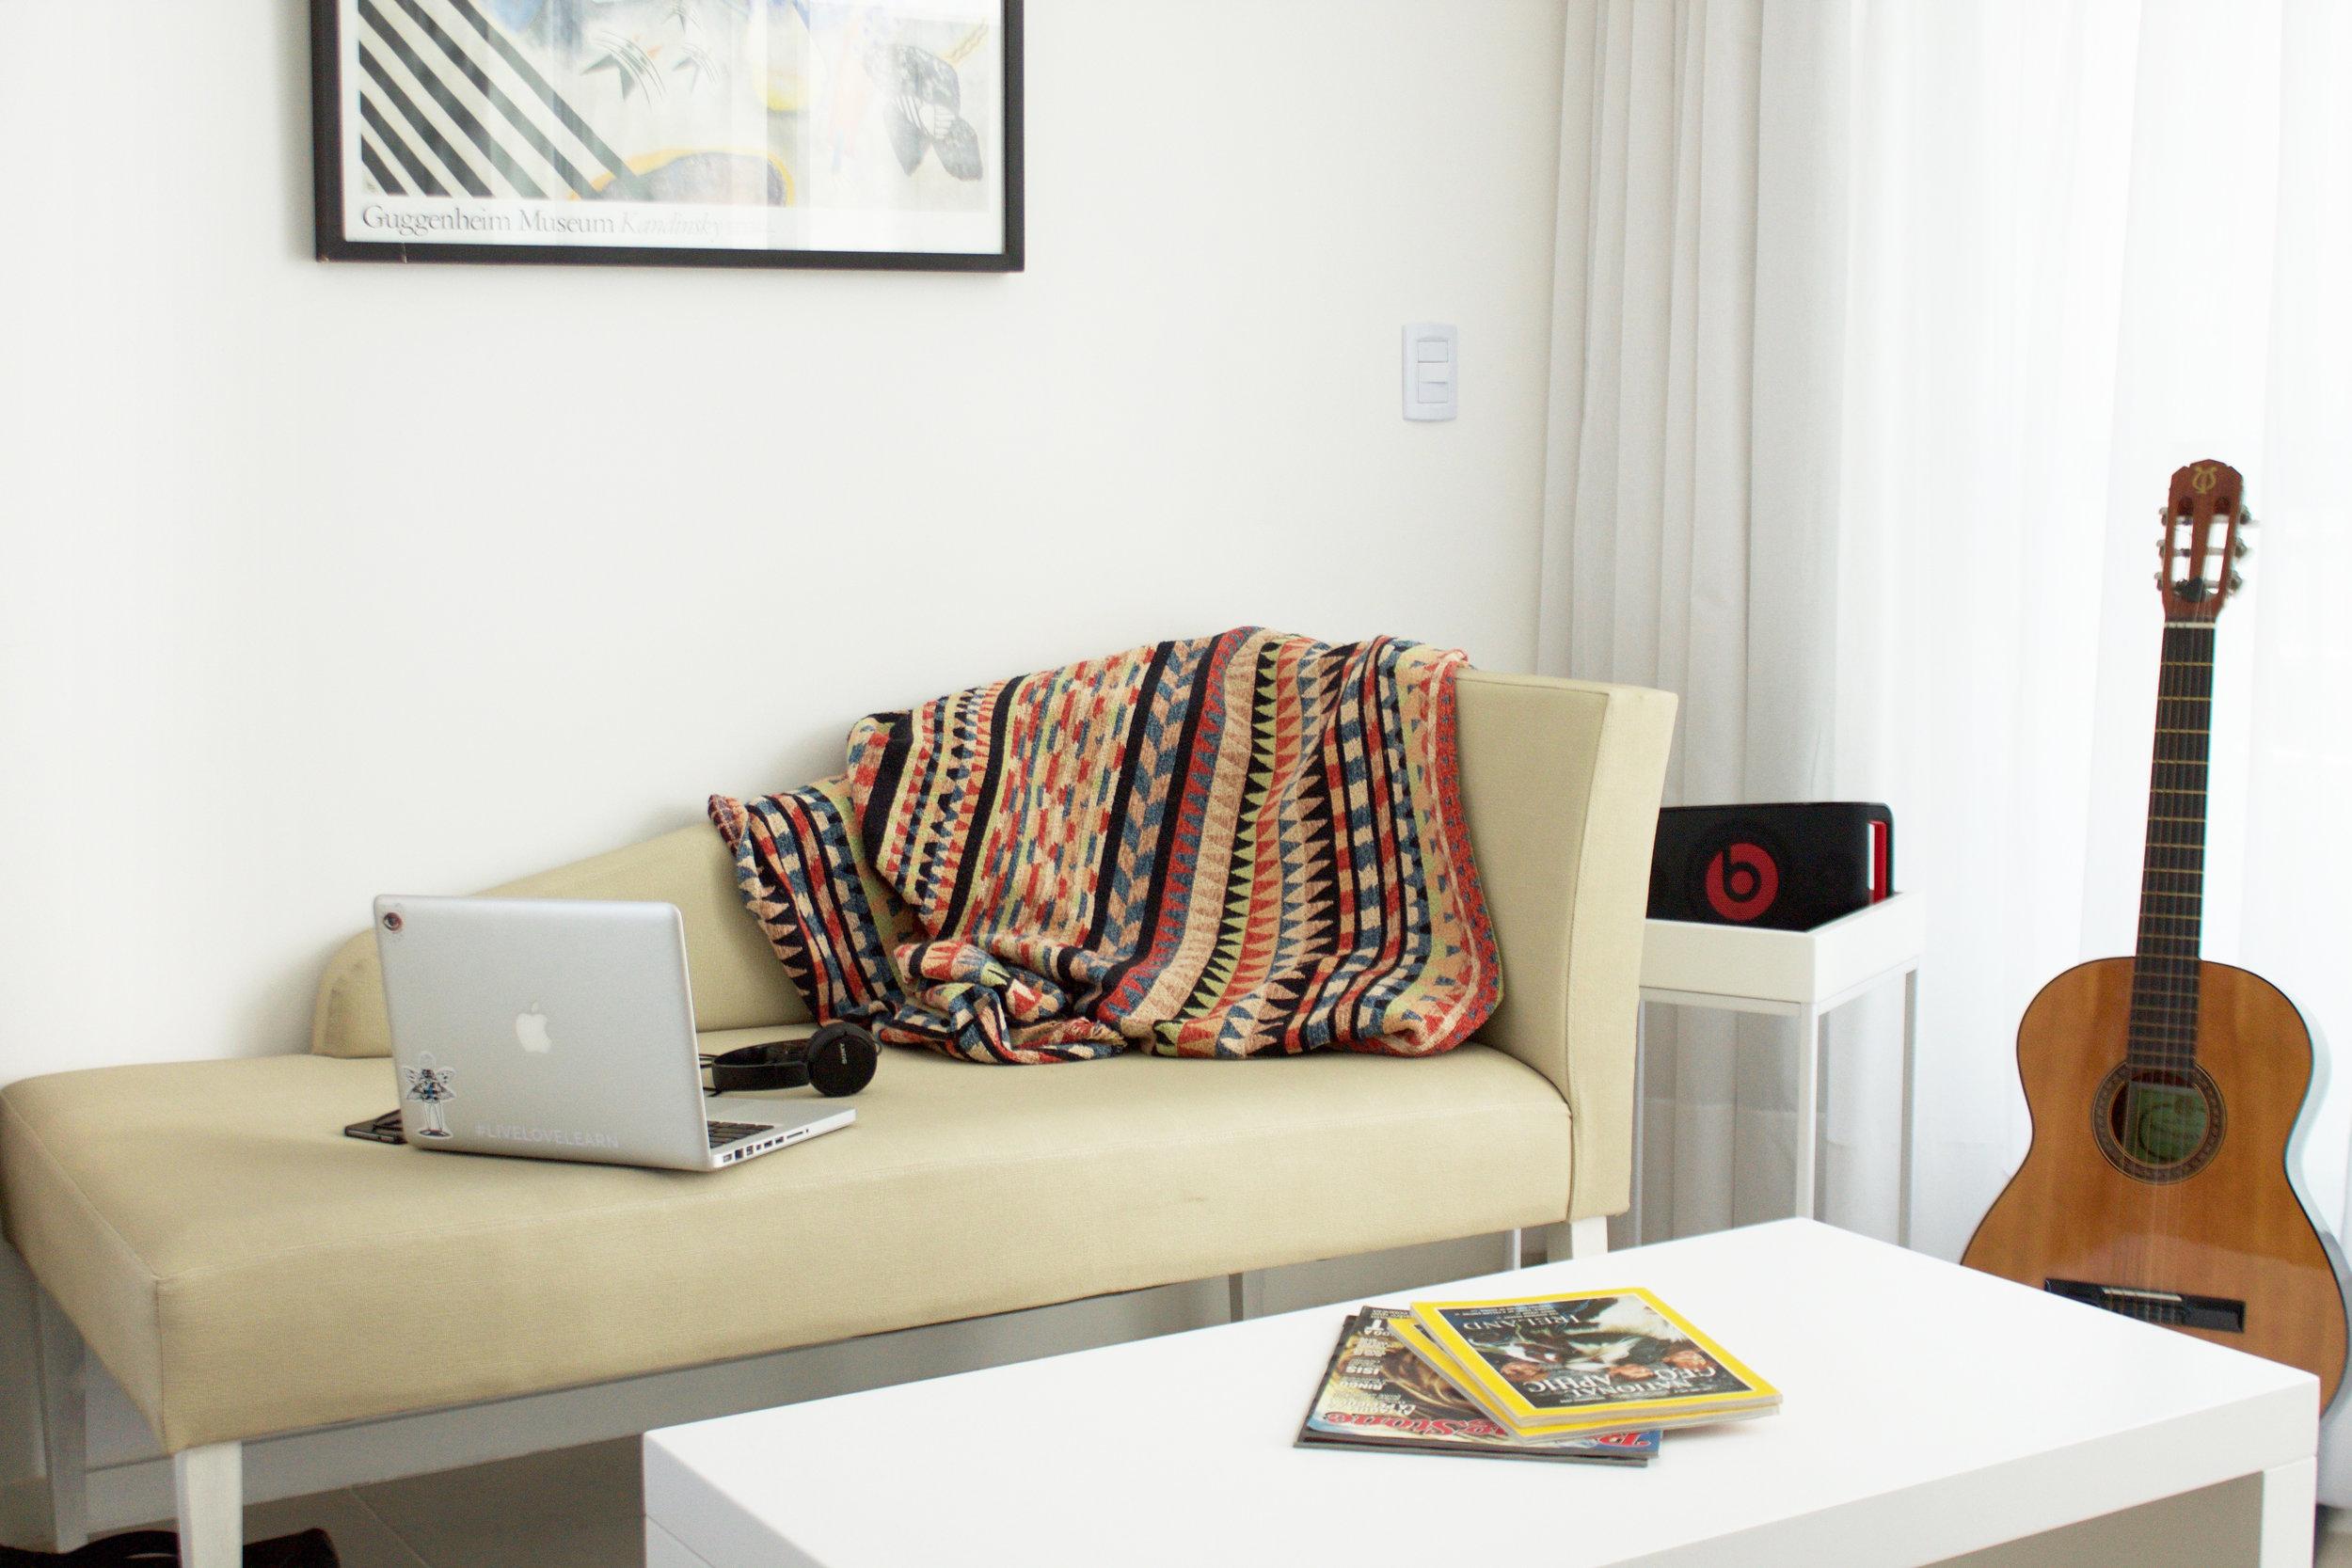 Dois dormitório - A partir de US $ 1300 por mês com tudo incluído2 quartos com banheiro próprio, cozinha e sala de estarDimensões: 65 a 80 m2Capacidade máxima: 5 pessoas